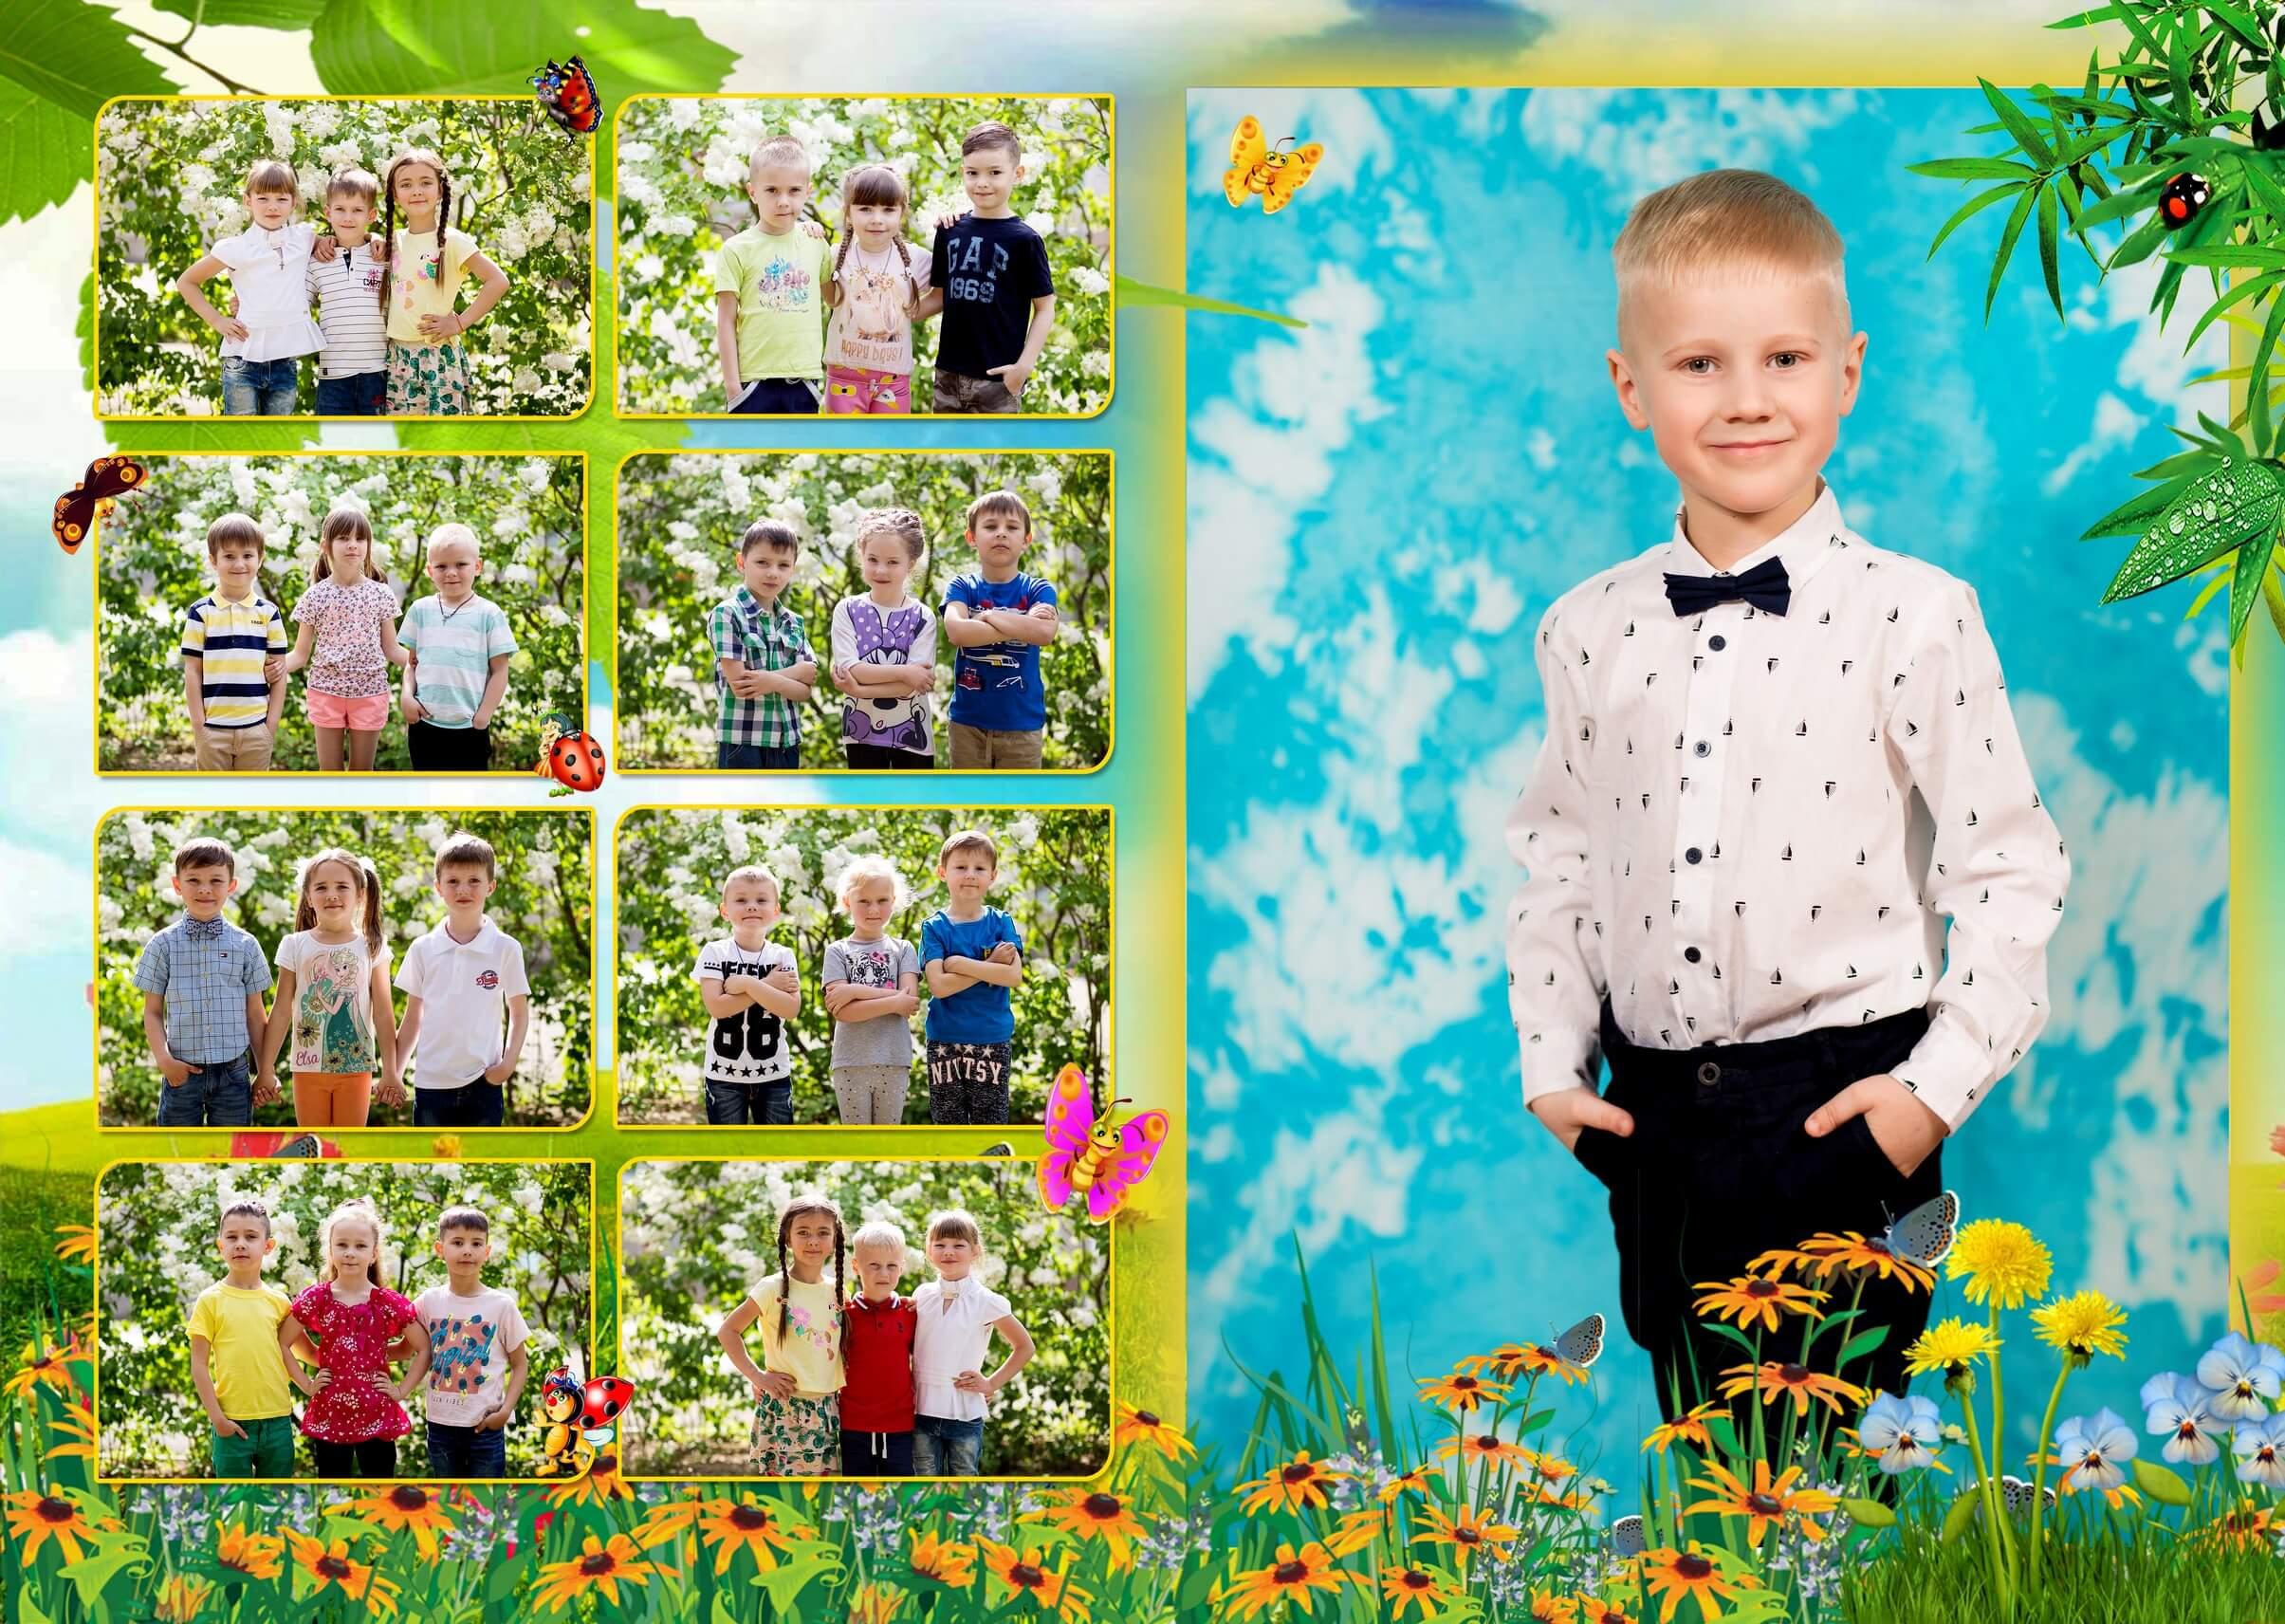 заказать выпускные фотоальбомы фотокниги альбомы для детского сада цена Киев выпускные альбомы для садика киев Выпускной альбом в детский сад Киева